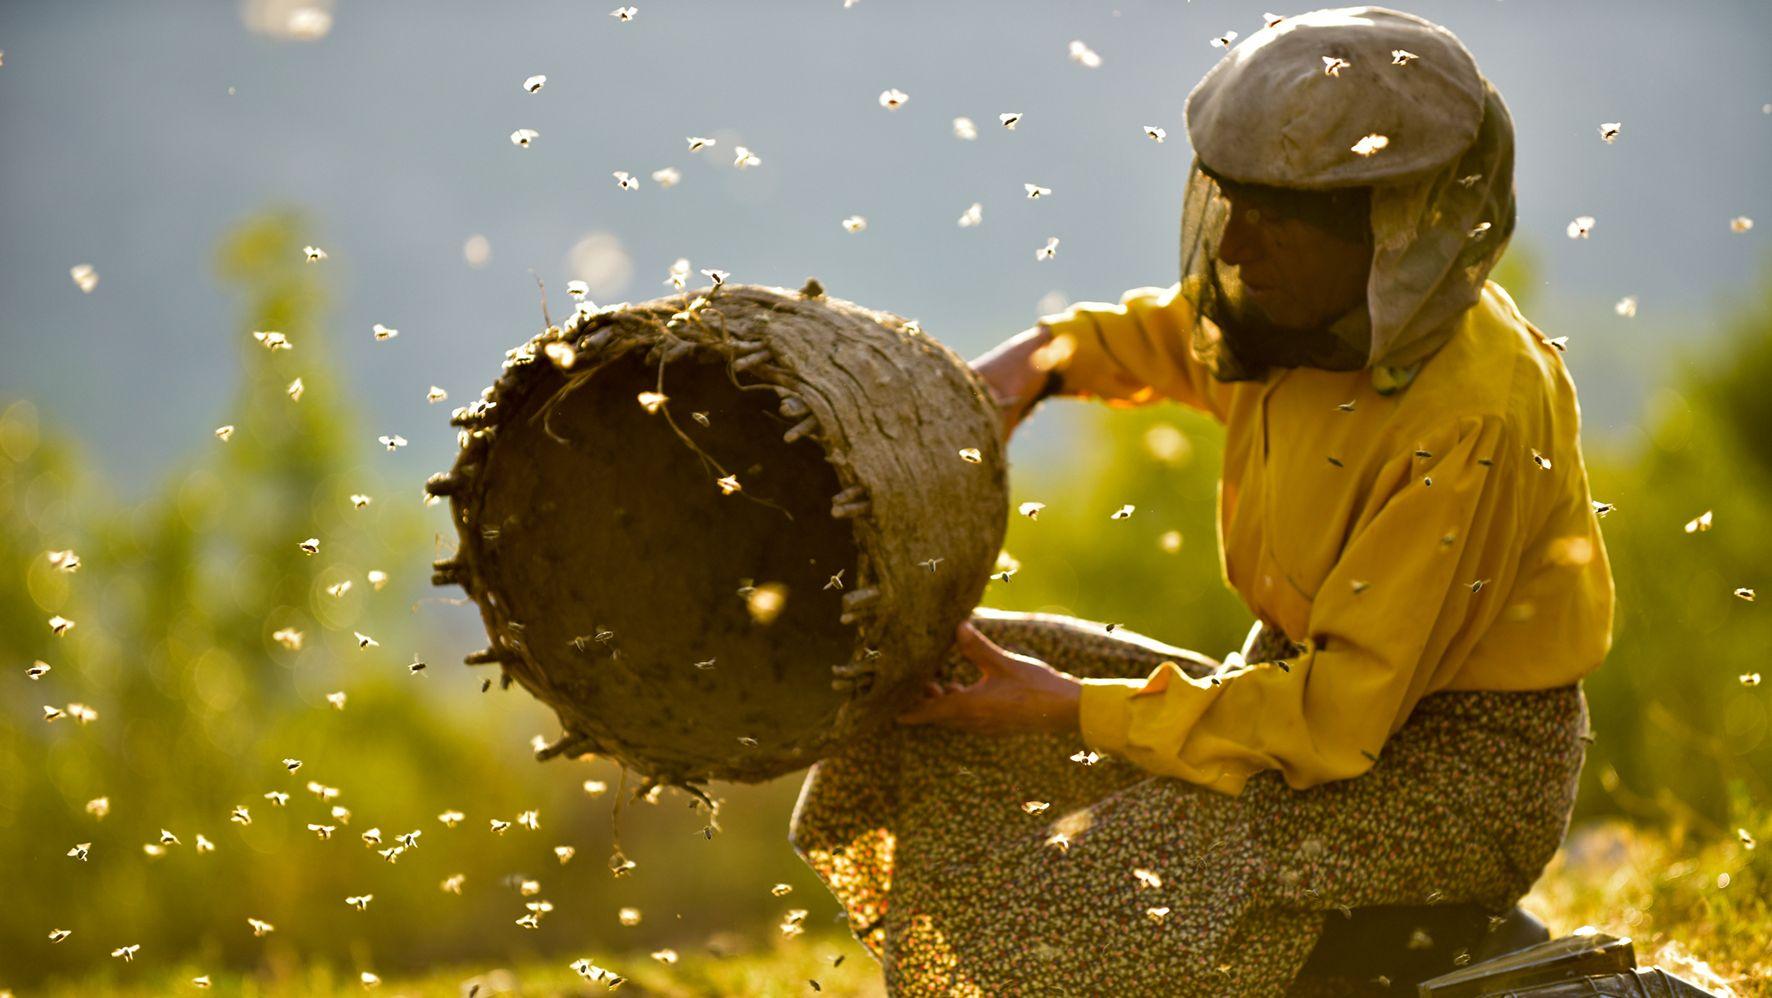 Eine Frau sitzt auf einer Holzkiste und hält einen leeren Bienenkorb in der Hand. Ihr Gesicht ist mit einem Tuch vor den Bienen geschützt, die um sie herumschwirren.